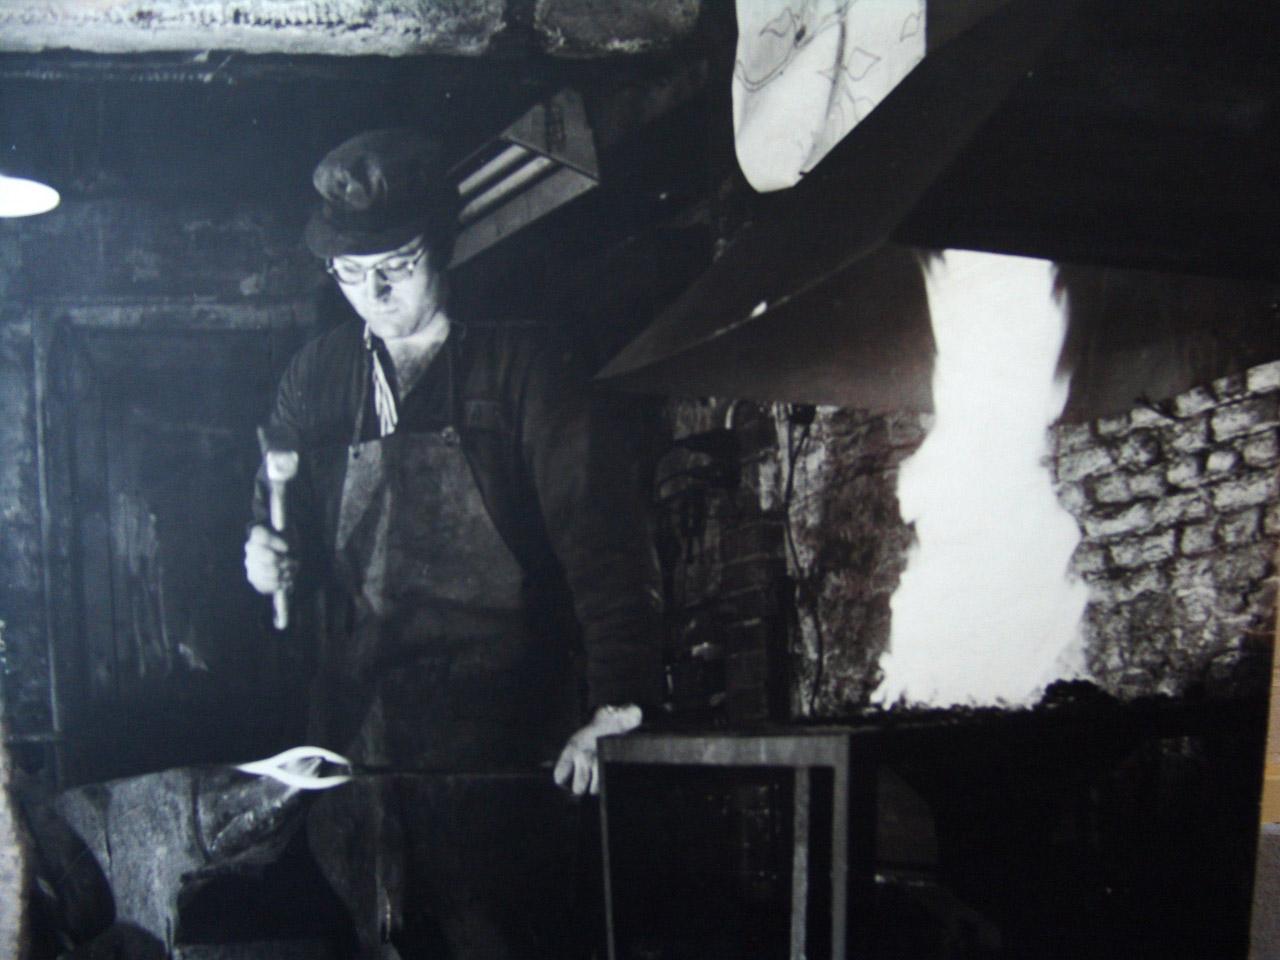 Portretfoto van smid Carino Sunderman bij het aambeeld en het vuur